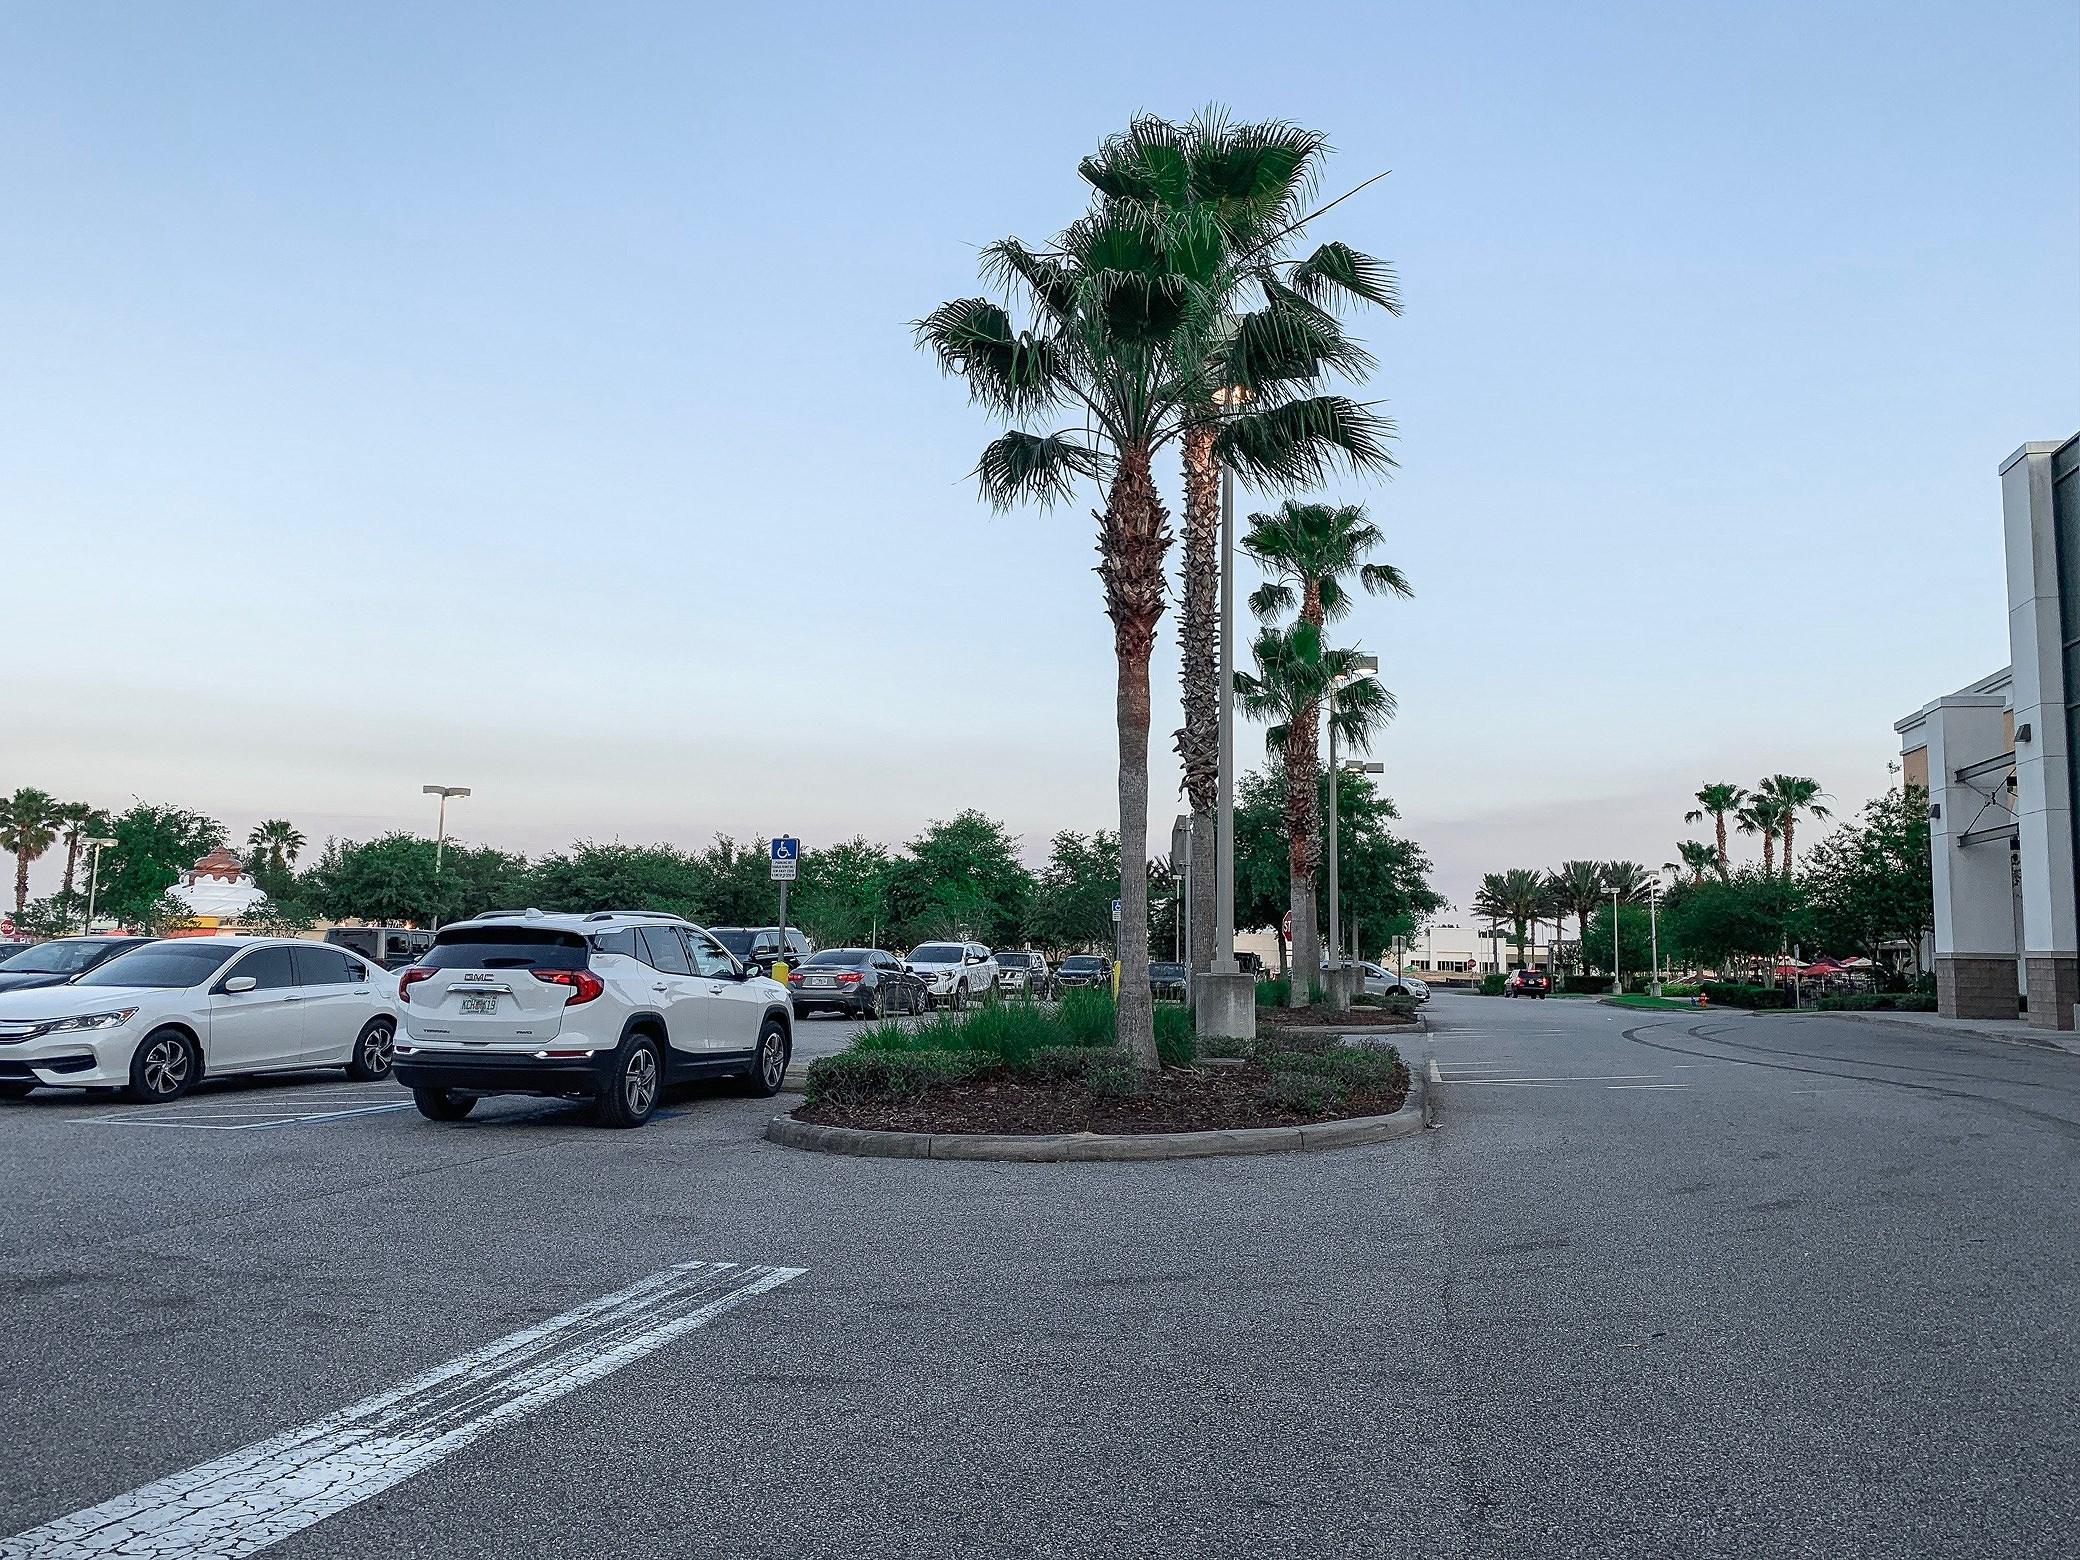 Dag 5 i Florida